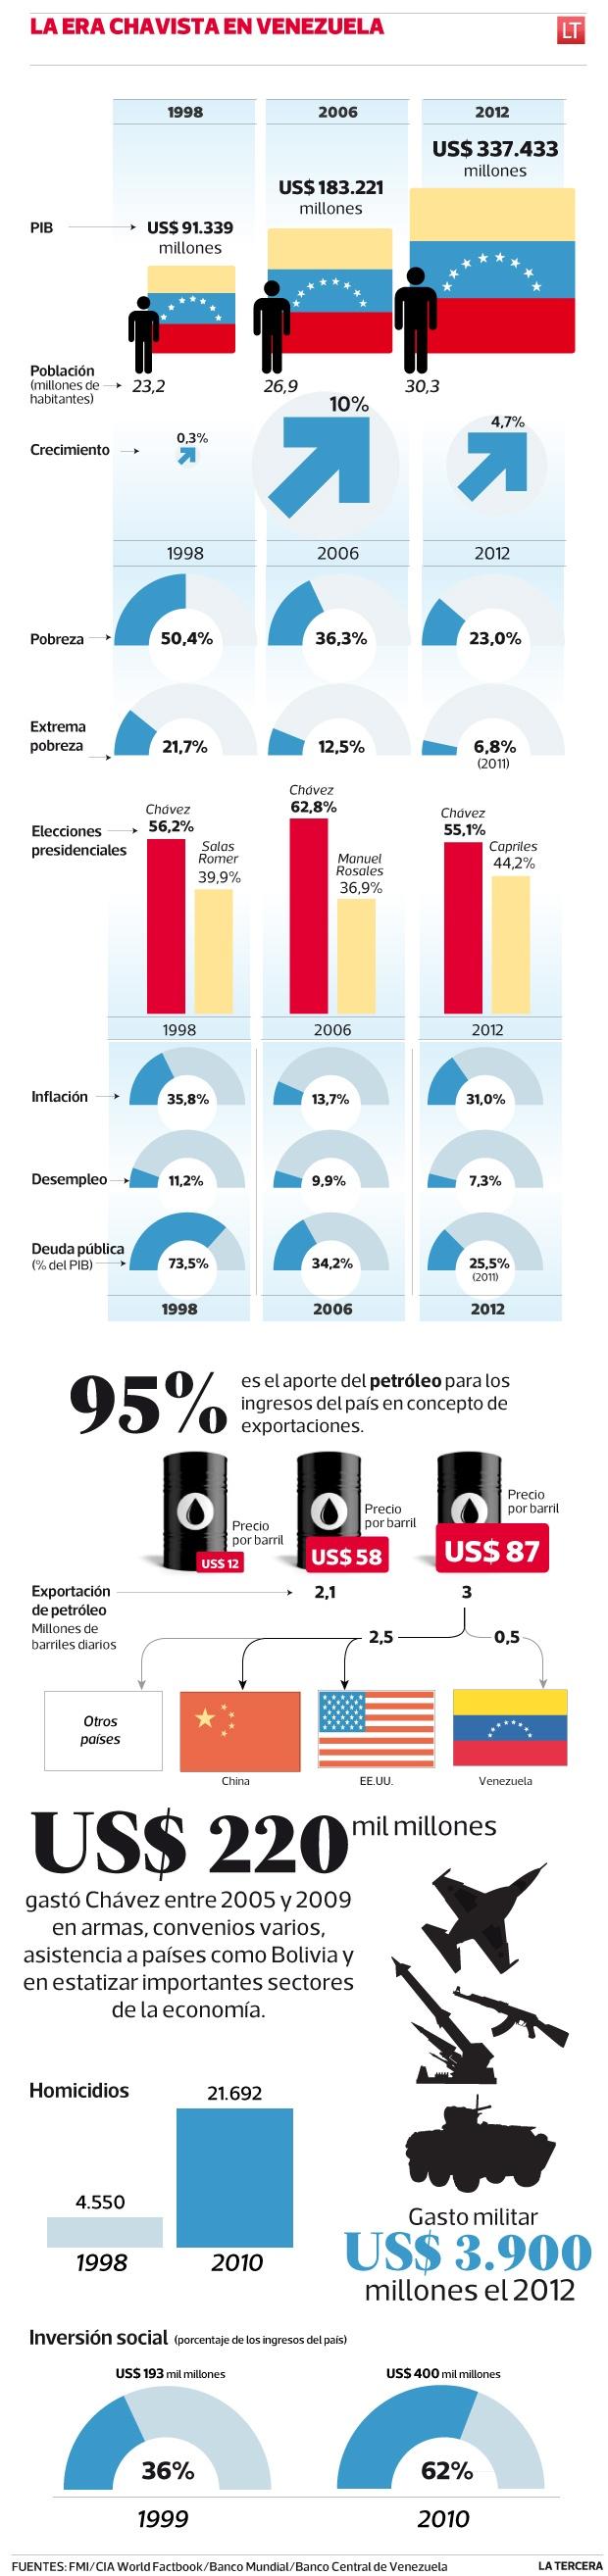 Drástica reducción de la pobreza y alta dependencia del petróleo marcaron la gestión económica de Hugo Chávez.